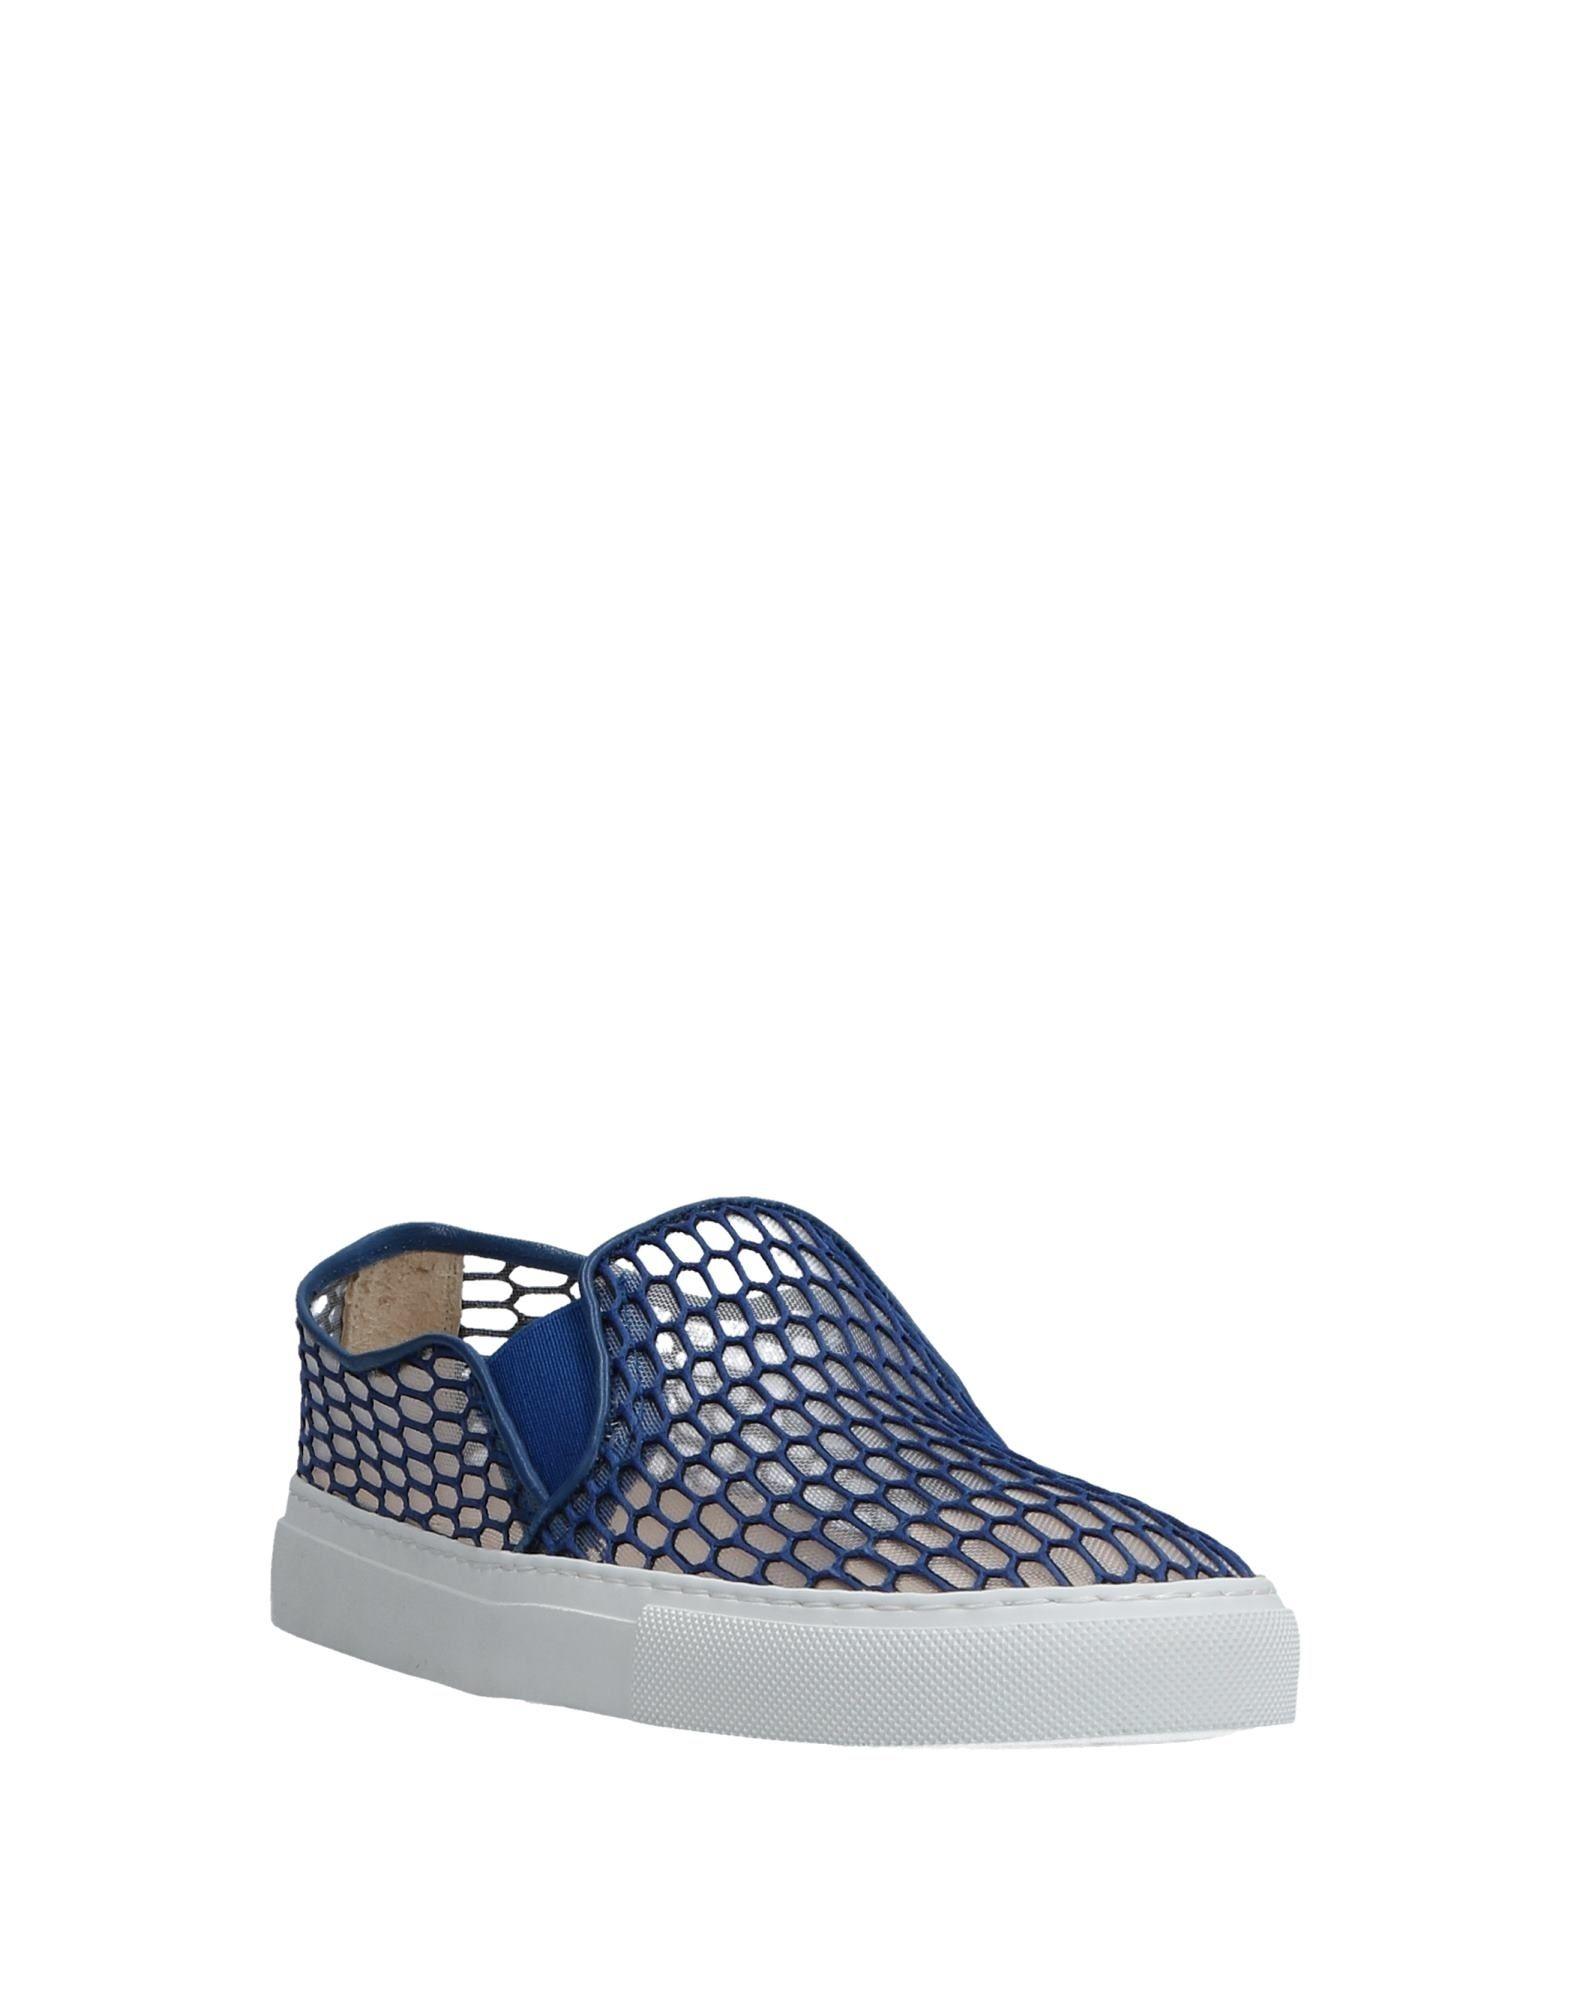 Ras Sneakers Damen  Schuhe 11147921KV Gute Qualität beliebte Schuhe  bca044